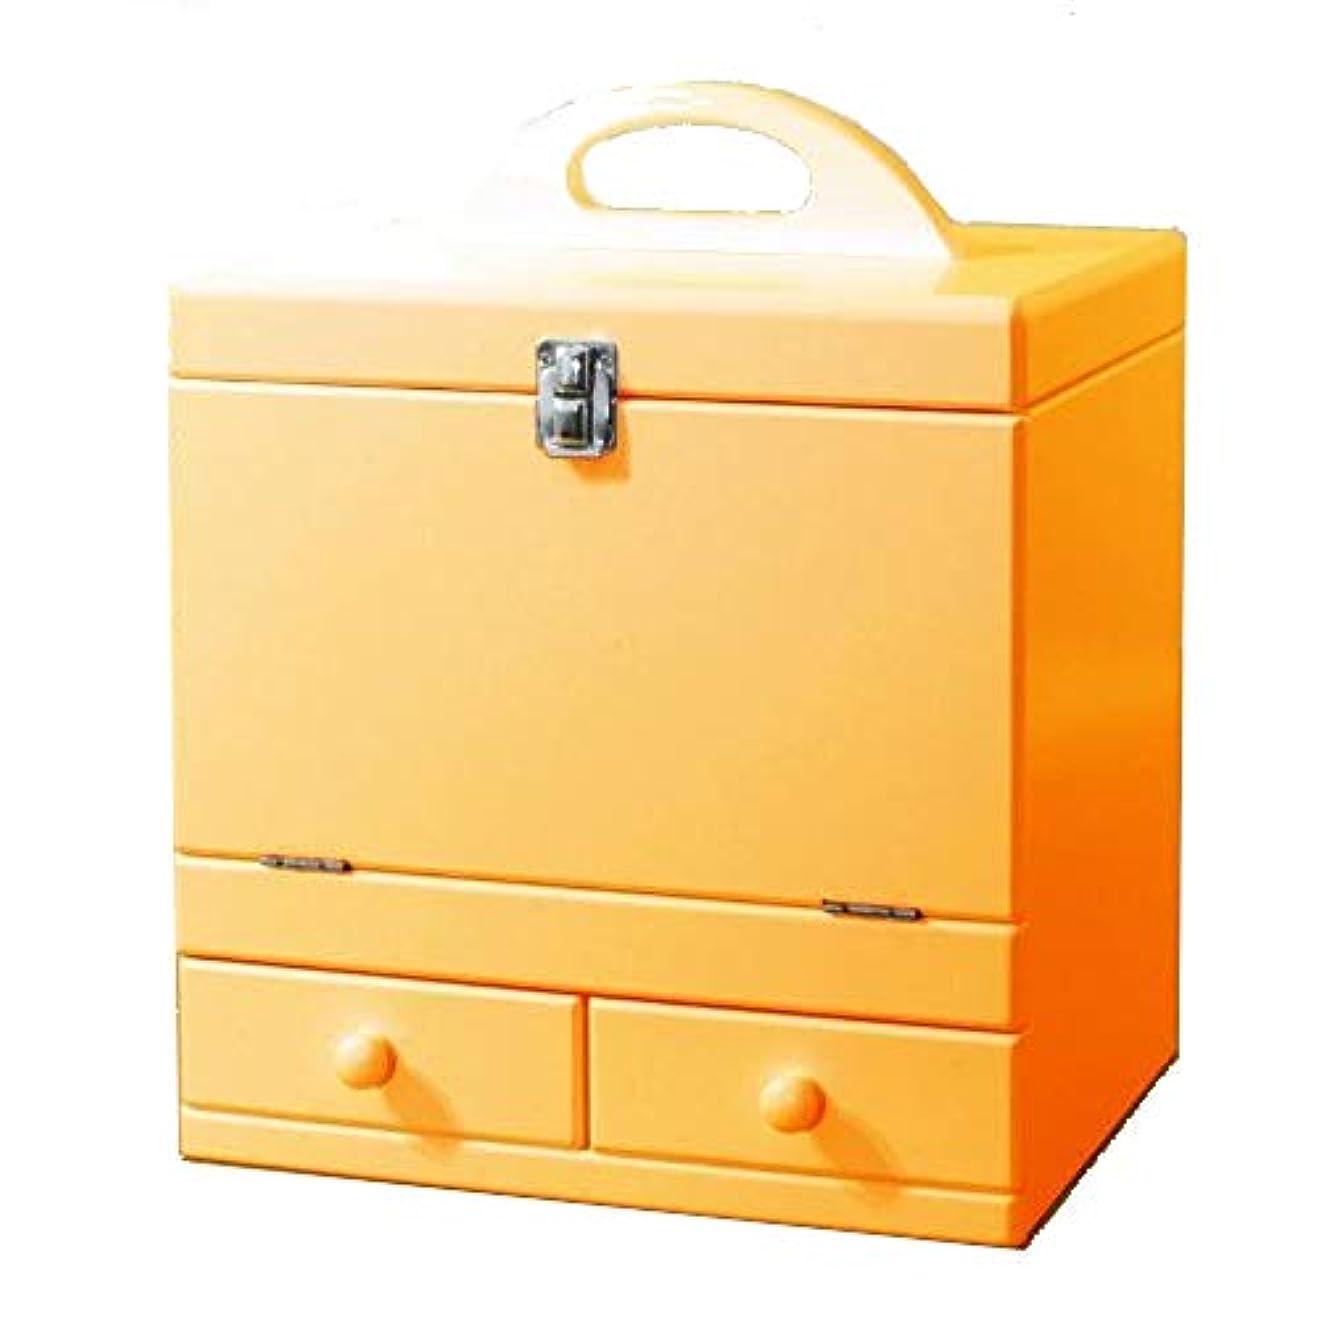 ウミウシハウスめんどりメイクボックス 三面鏡付き(色:ナチュラルオレンジ) tu-852 カラフルコスメボックス